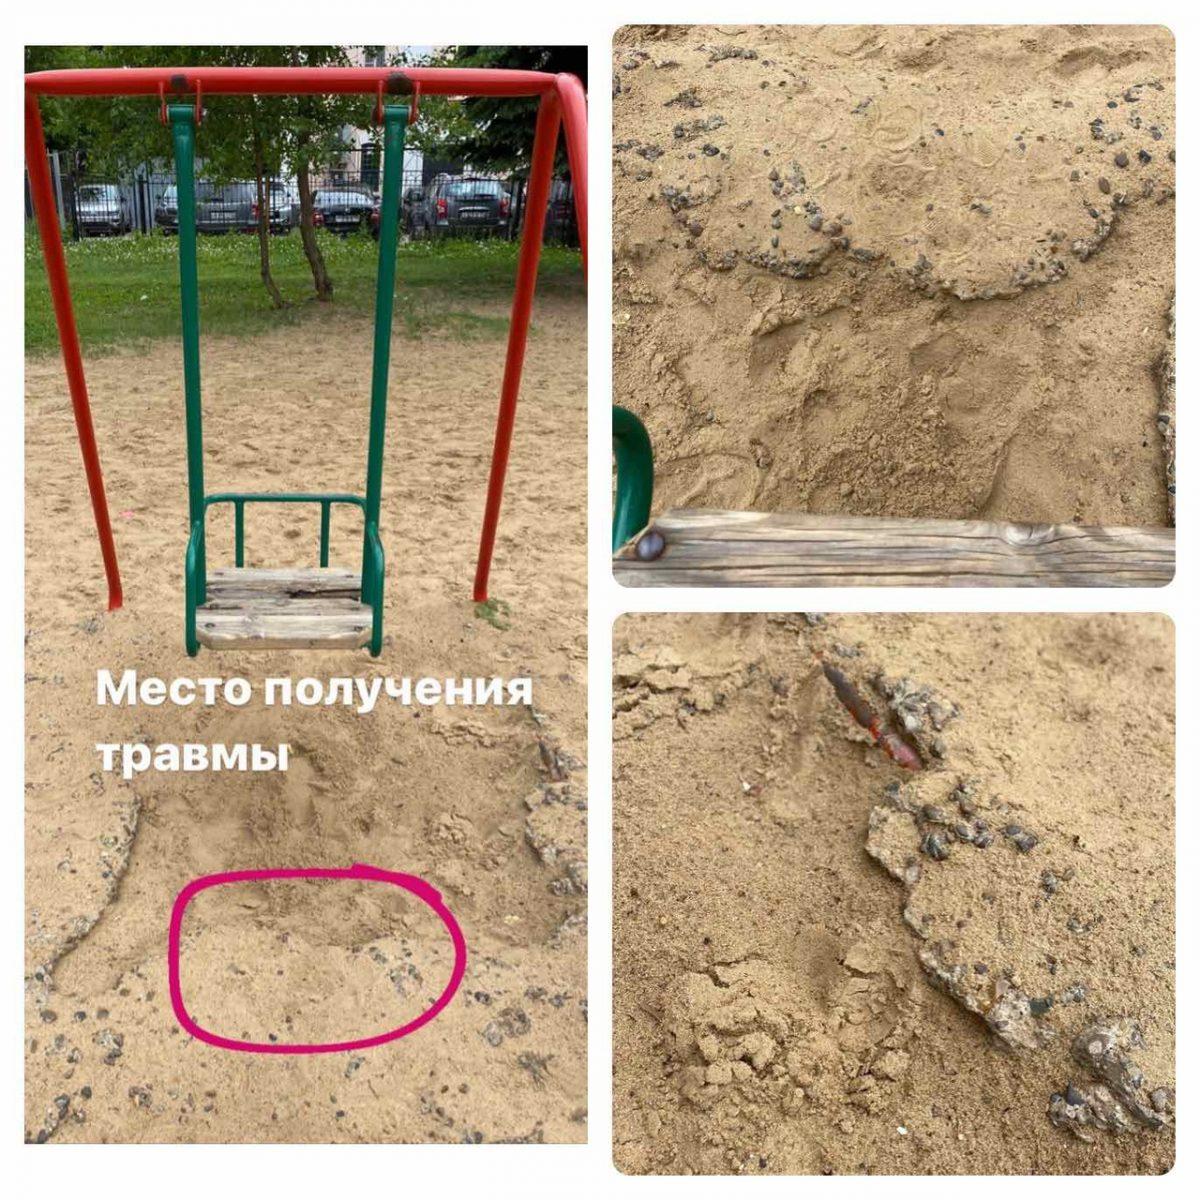 Ребенок упал лицом на кусок бетона, спрыгнув с качелей на детской площадке около ЖК «Зенит» в Нижнем Новгороде